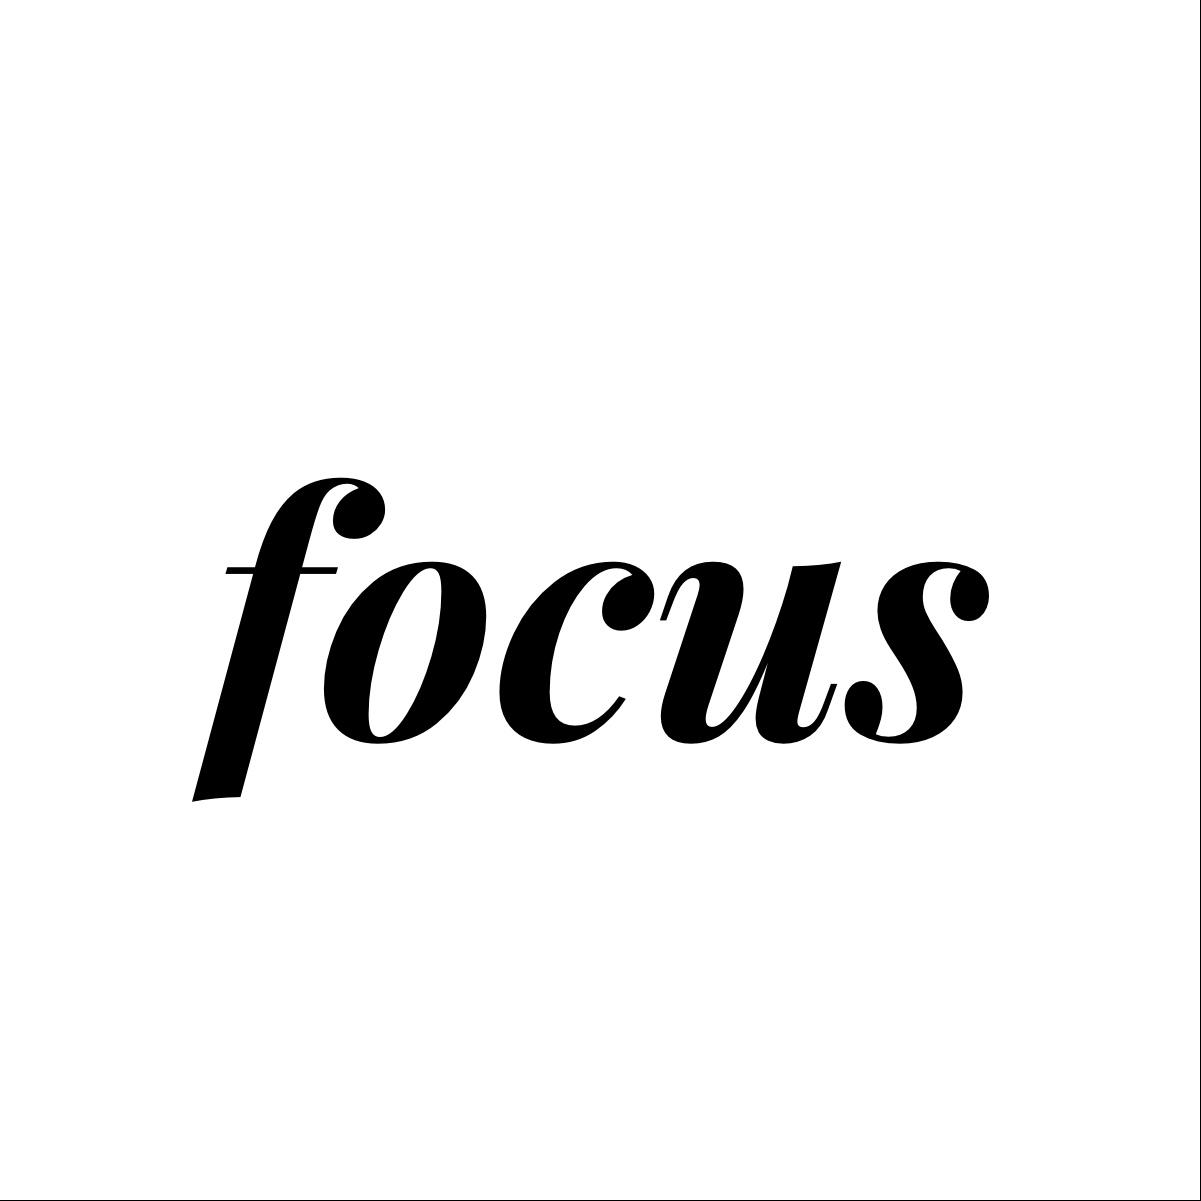 Develop Eternal Focus